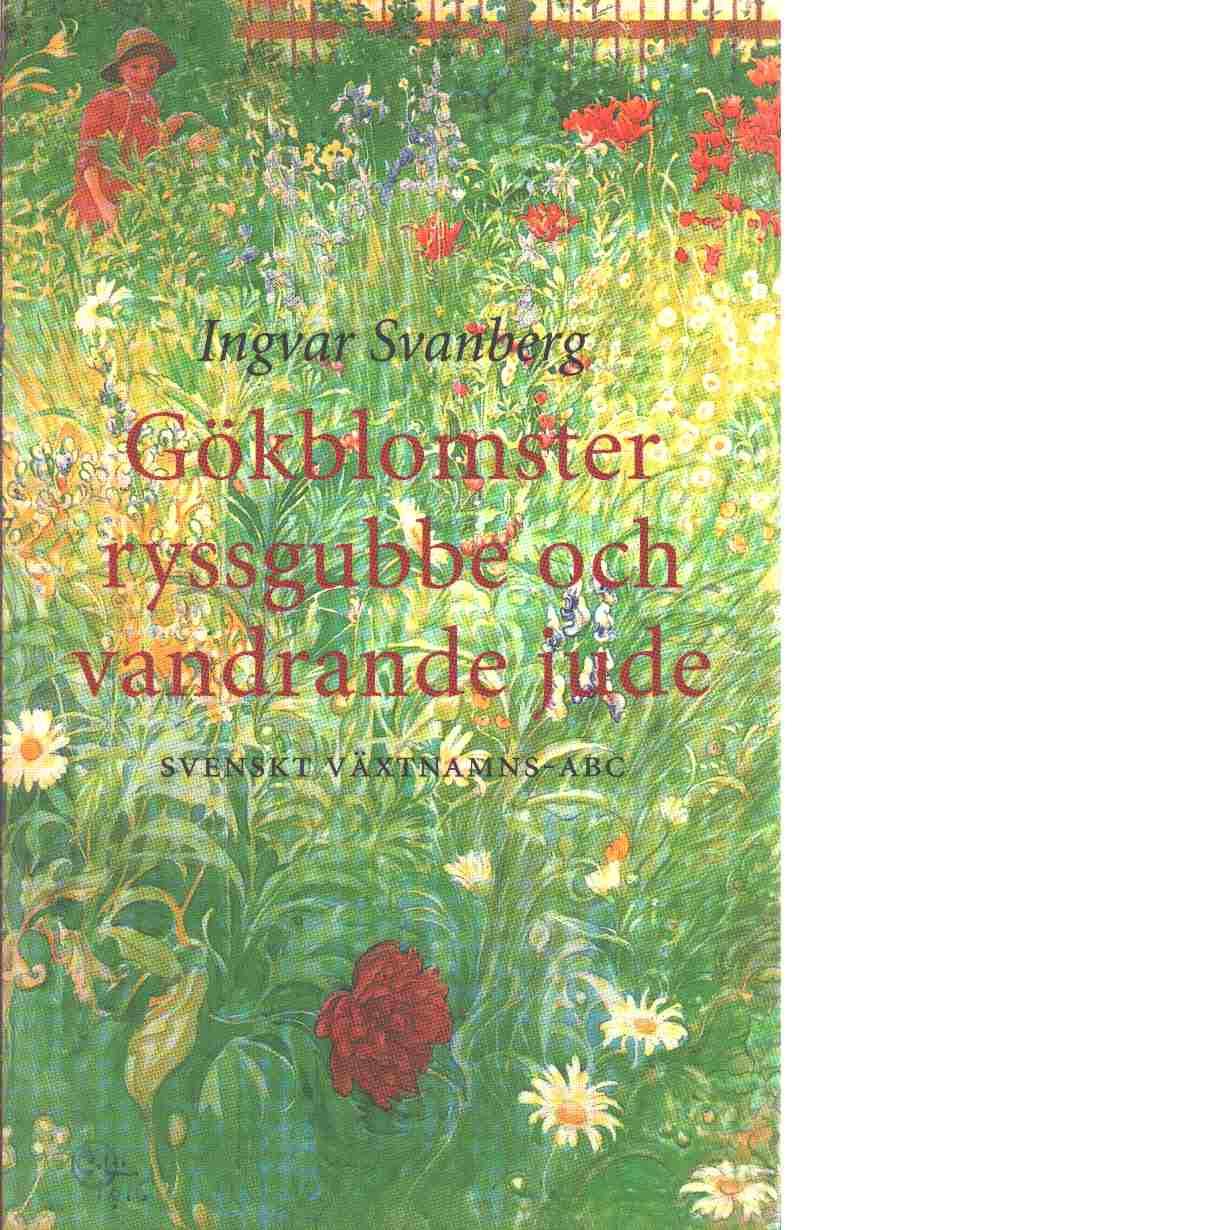 Gökblomster, ryssgubbe och vandrande jude : svenskt växtnamns-ABC - Svanberg, Ingvar